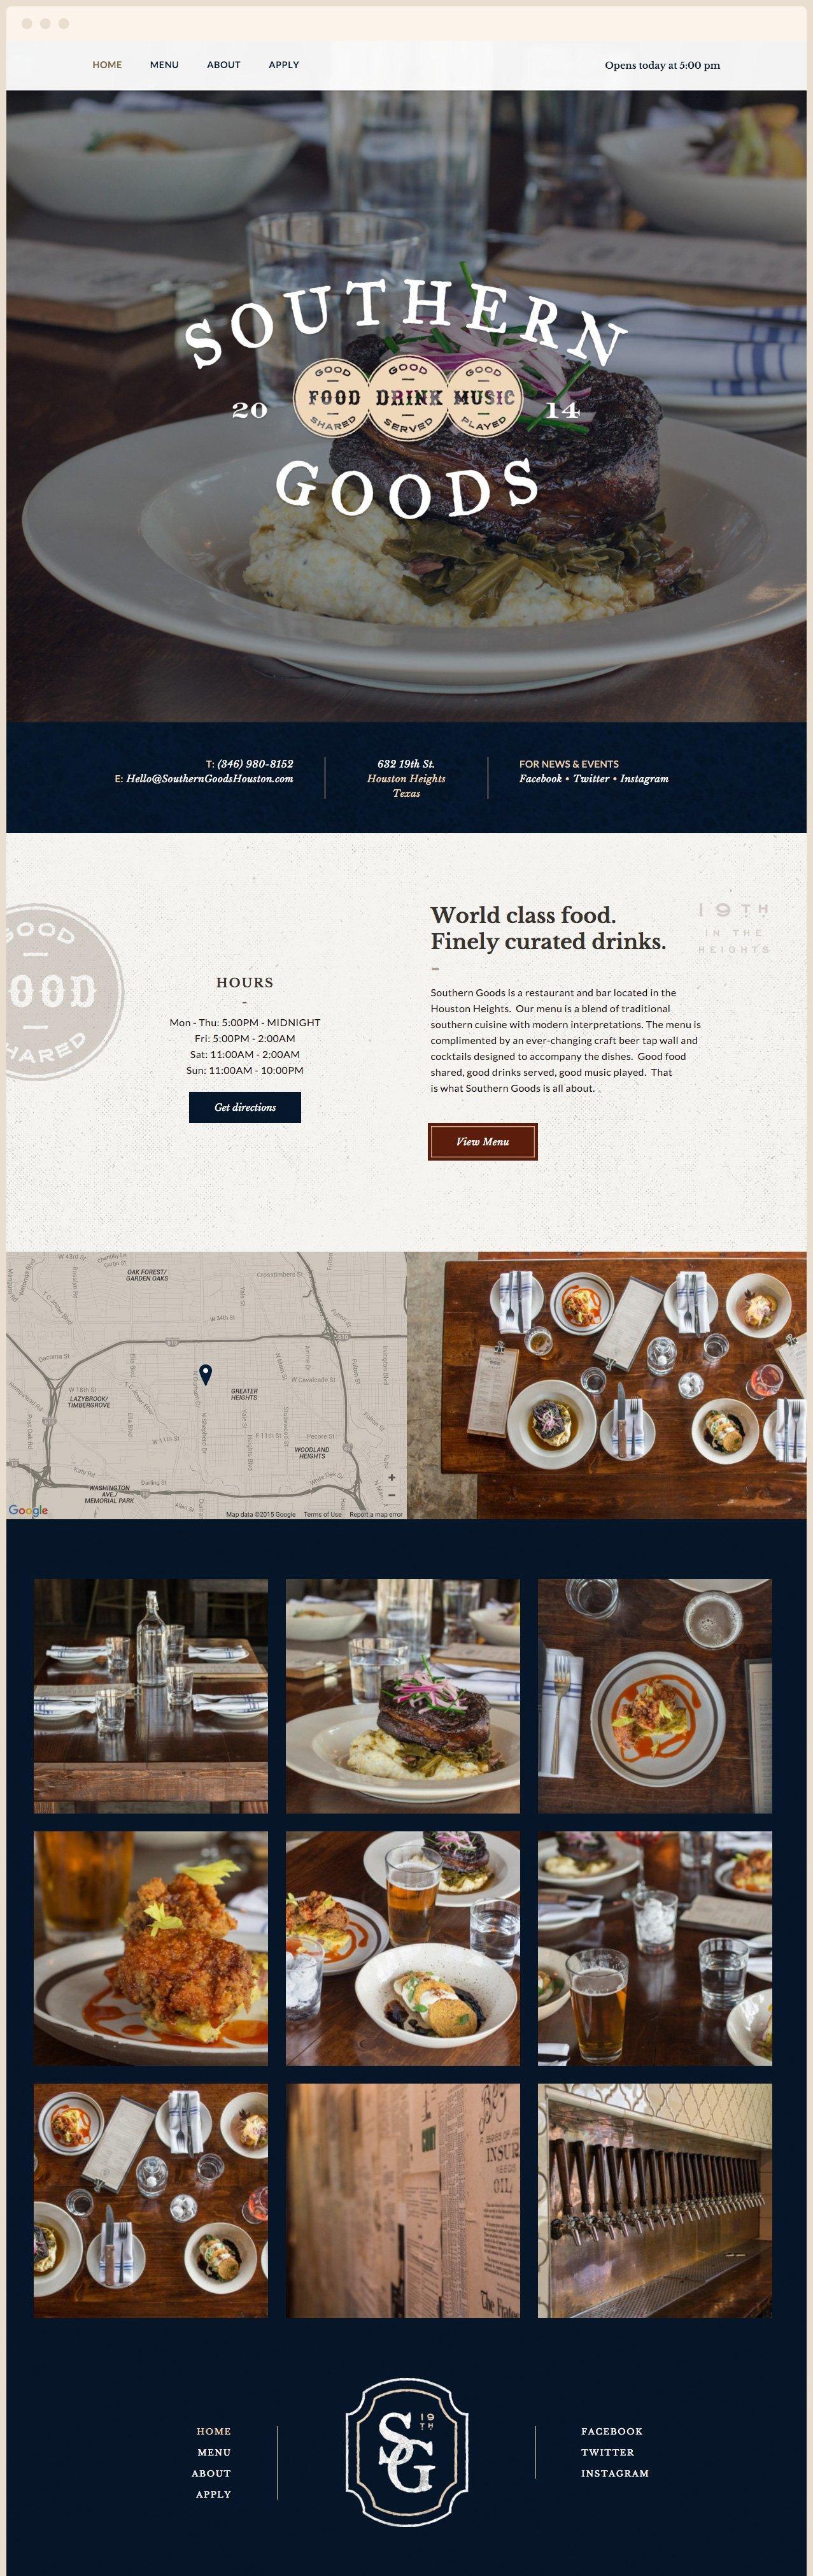 Southern Goods Website Design